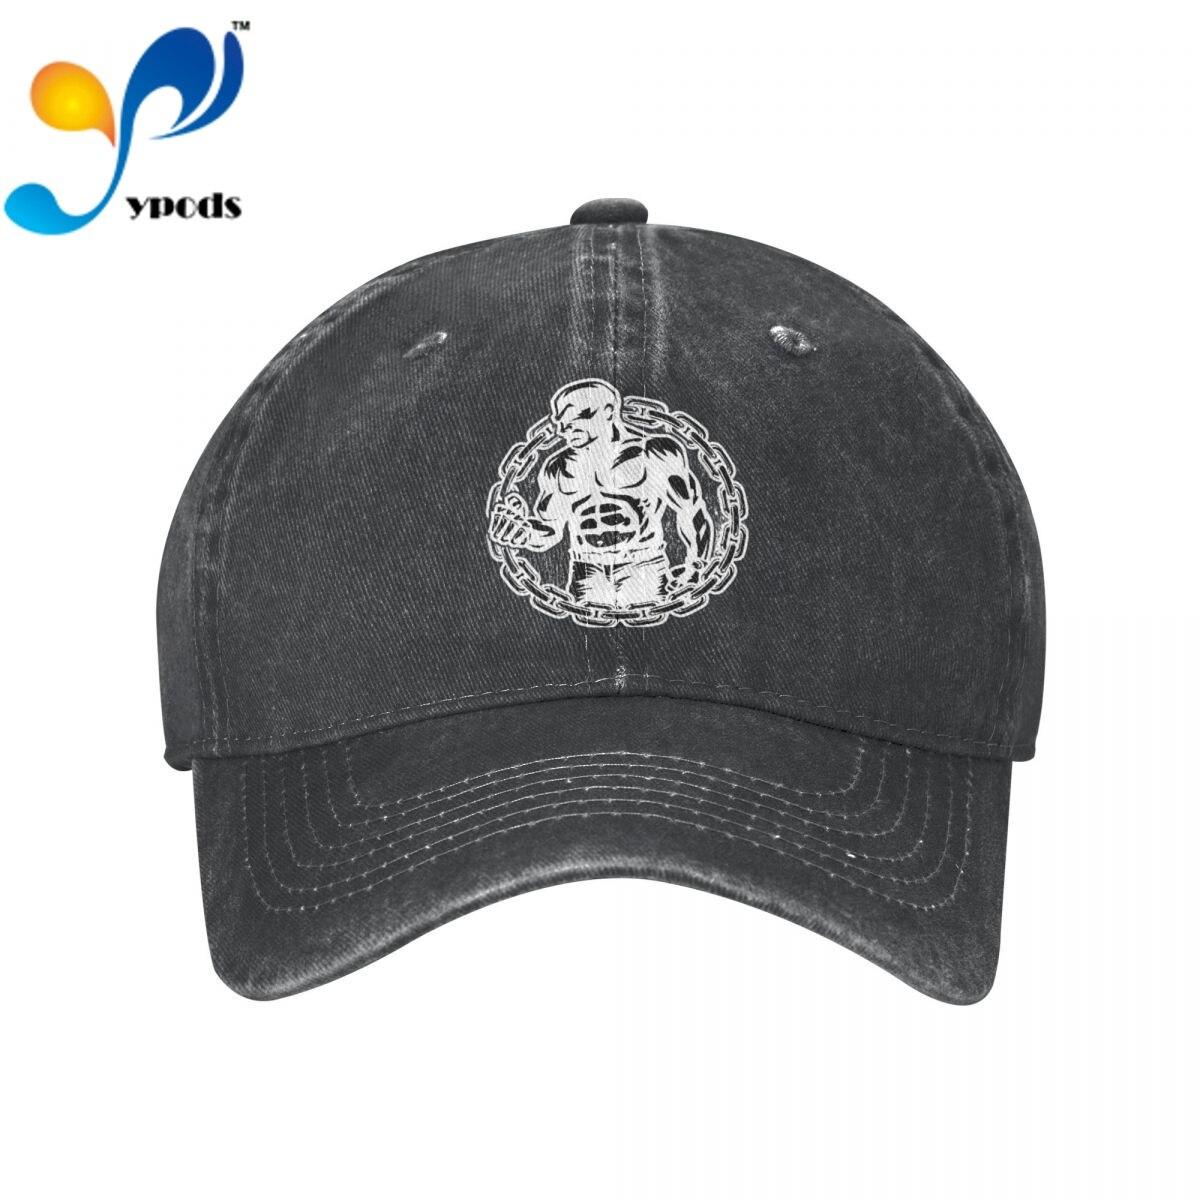 Хлопковая бейсболка для мужчин и женщин, боксеры для фитнеса, повседневные уличные кепки унисекс, кепки-бейсболки